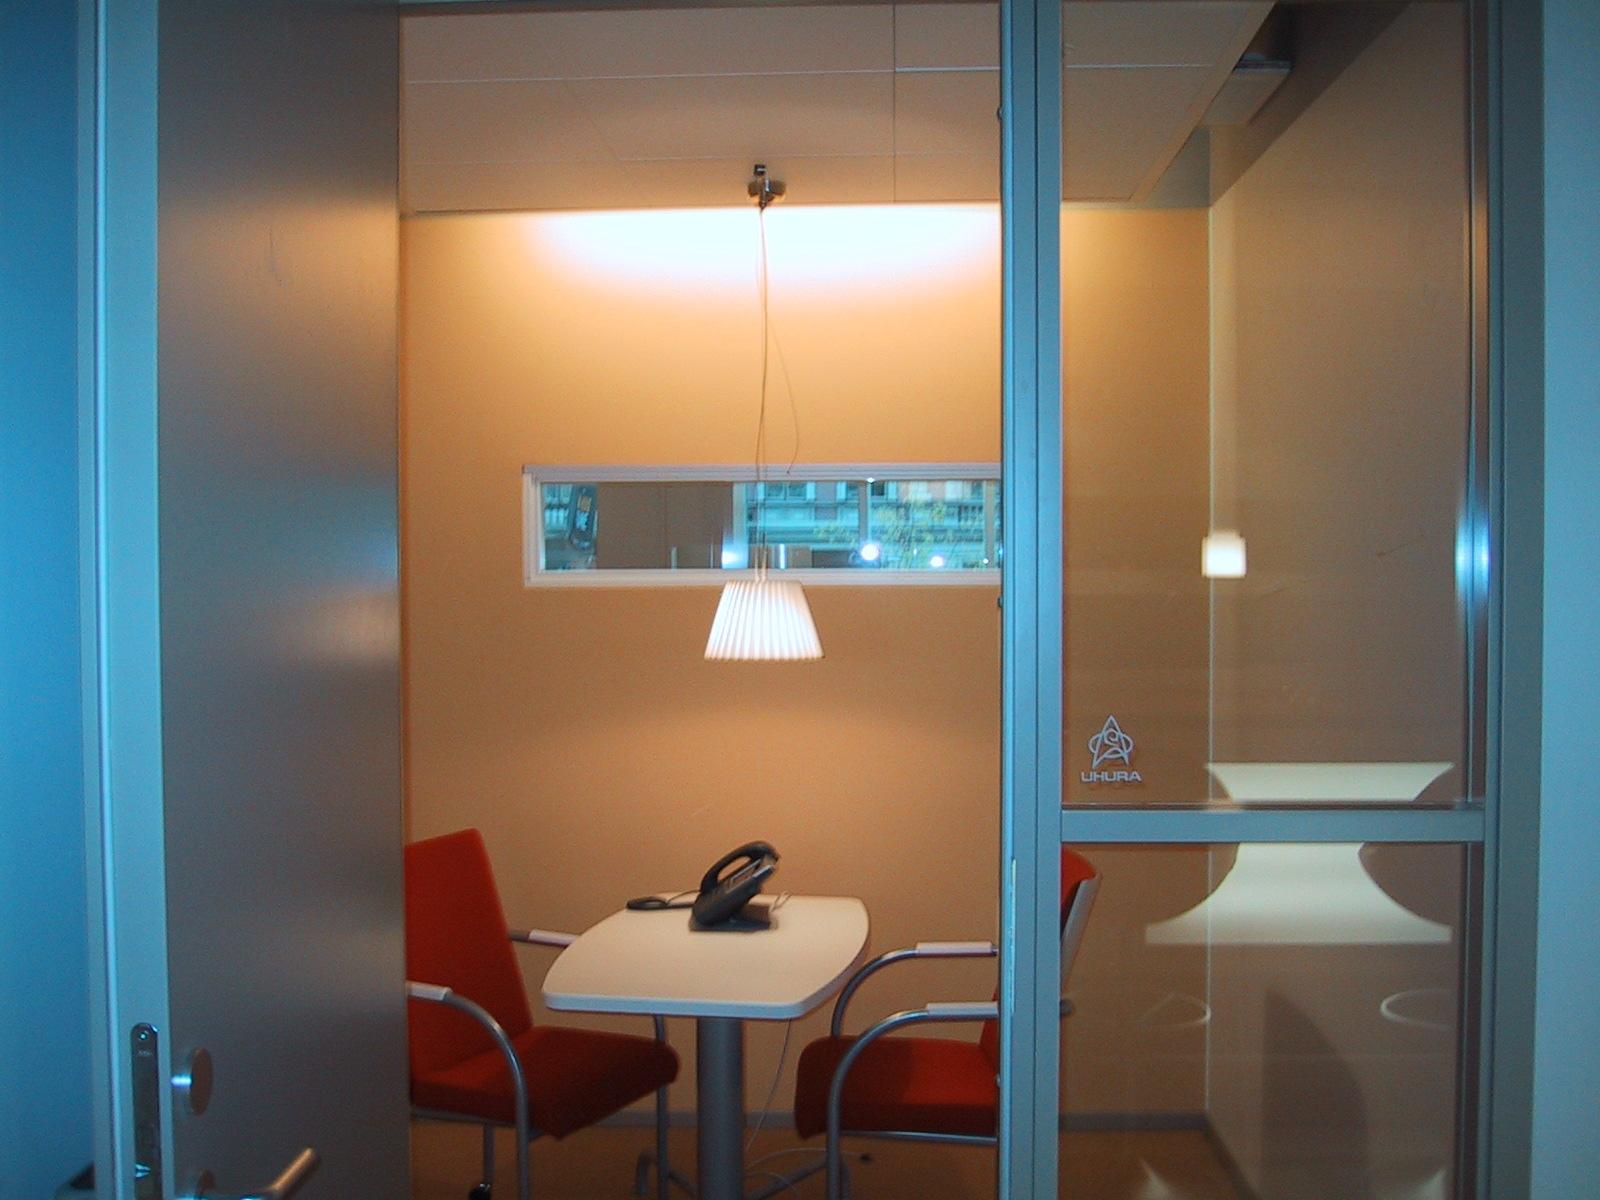 stockholm office. JPG · 1505 Pendel Office, Above Ceiling Wallwash (6) IBM Building, Stockholm, Sweden. Stockholm Office